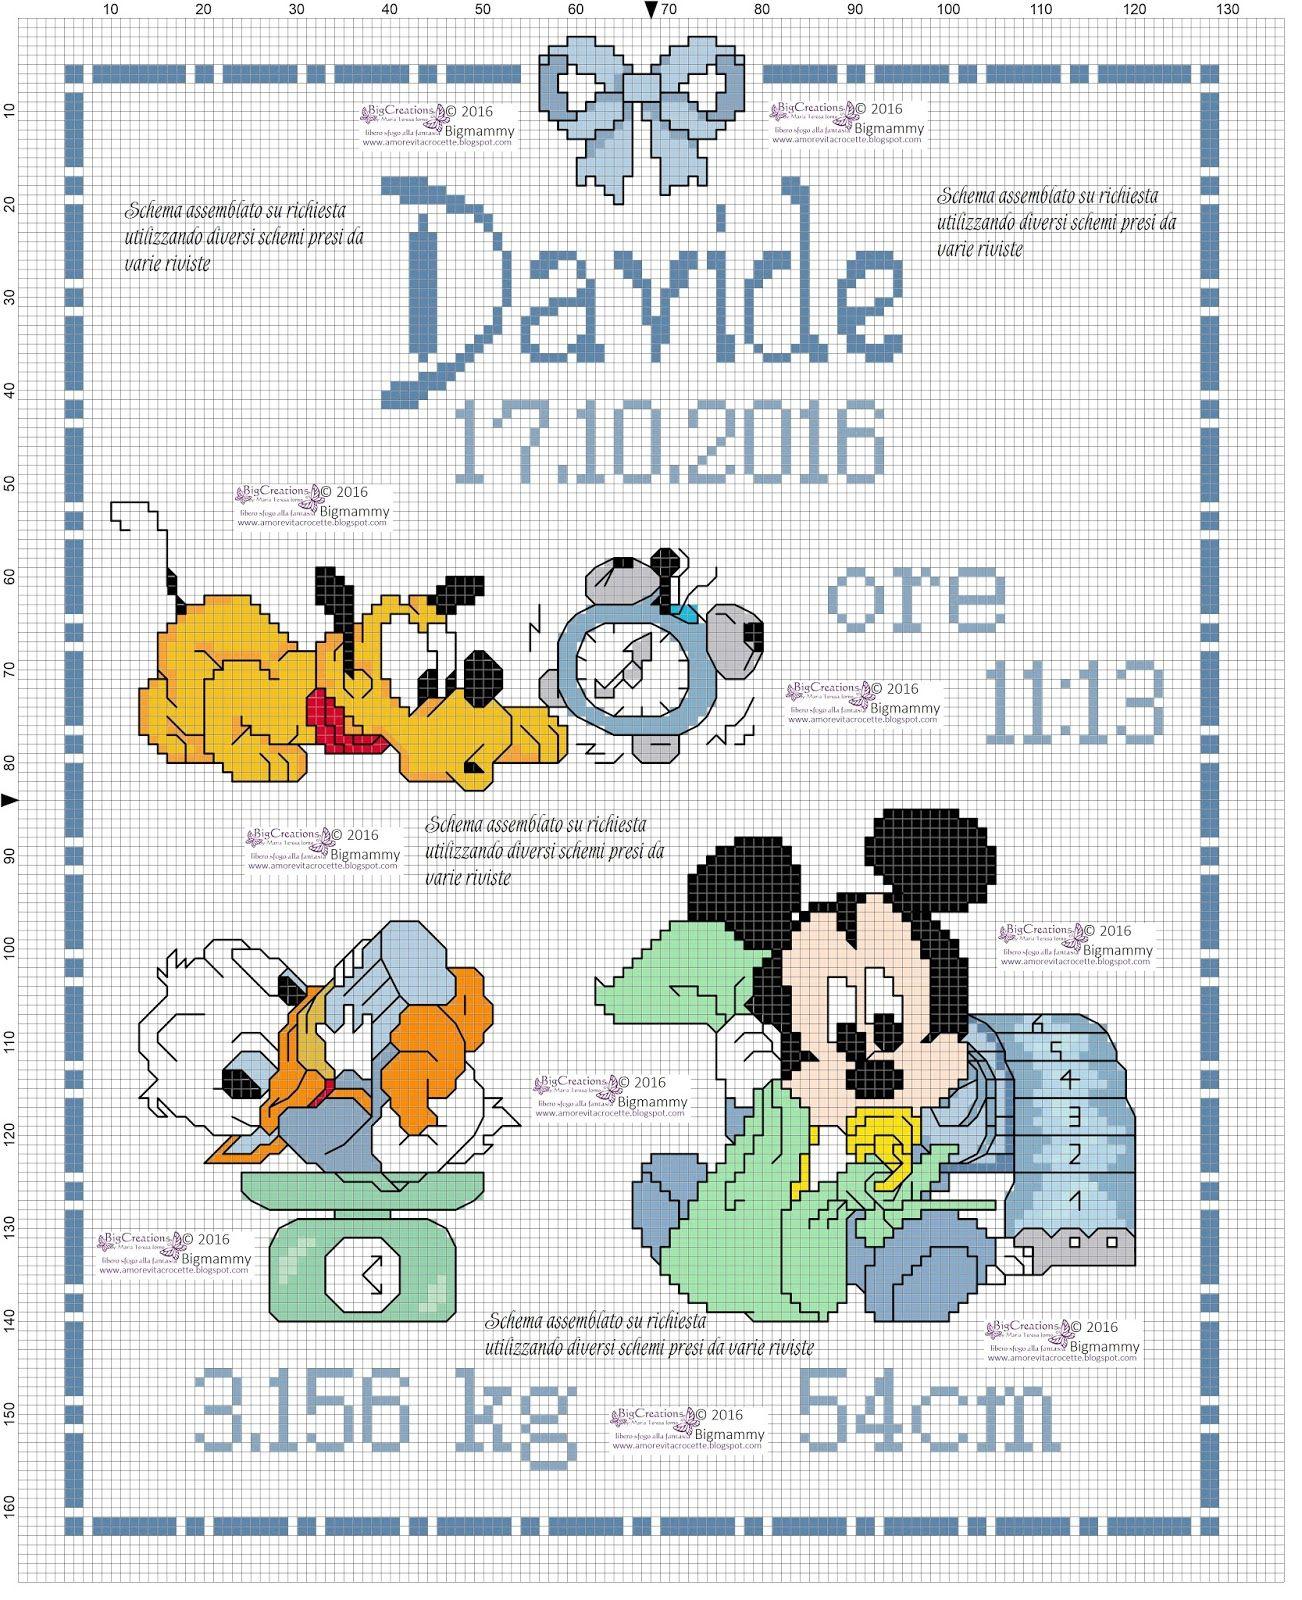 Quadretto Nascita Disney Assemblato Su Richiesta Utilizzando